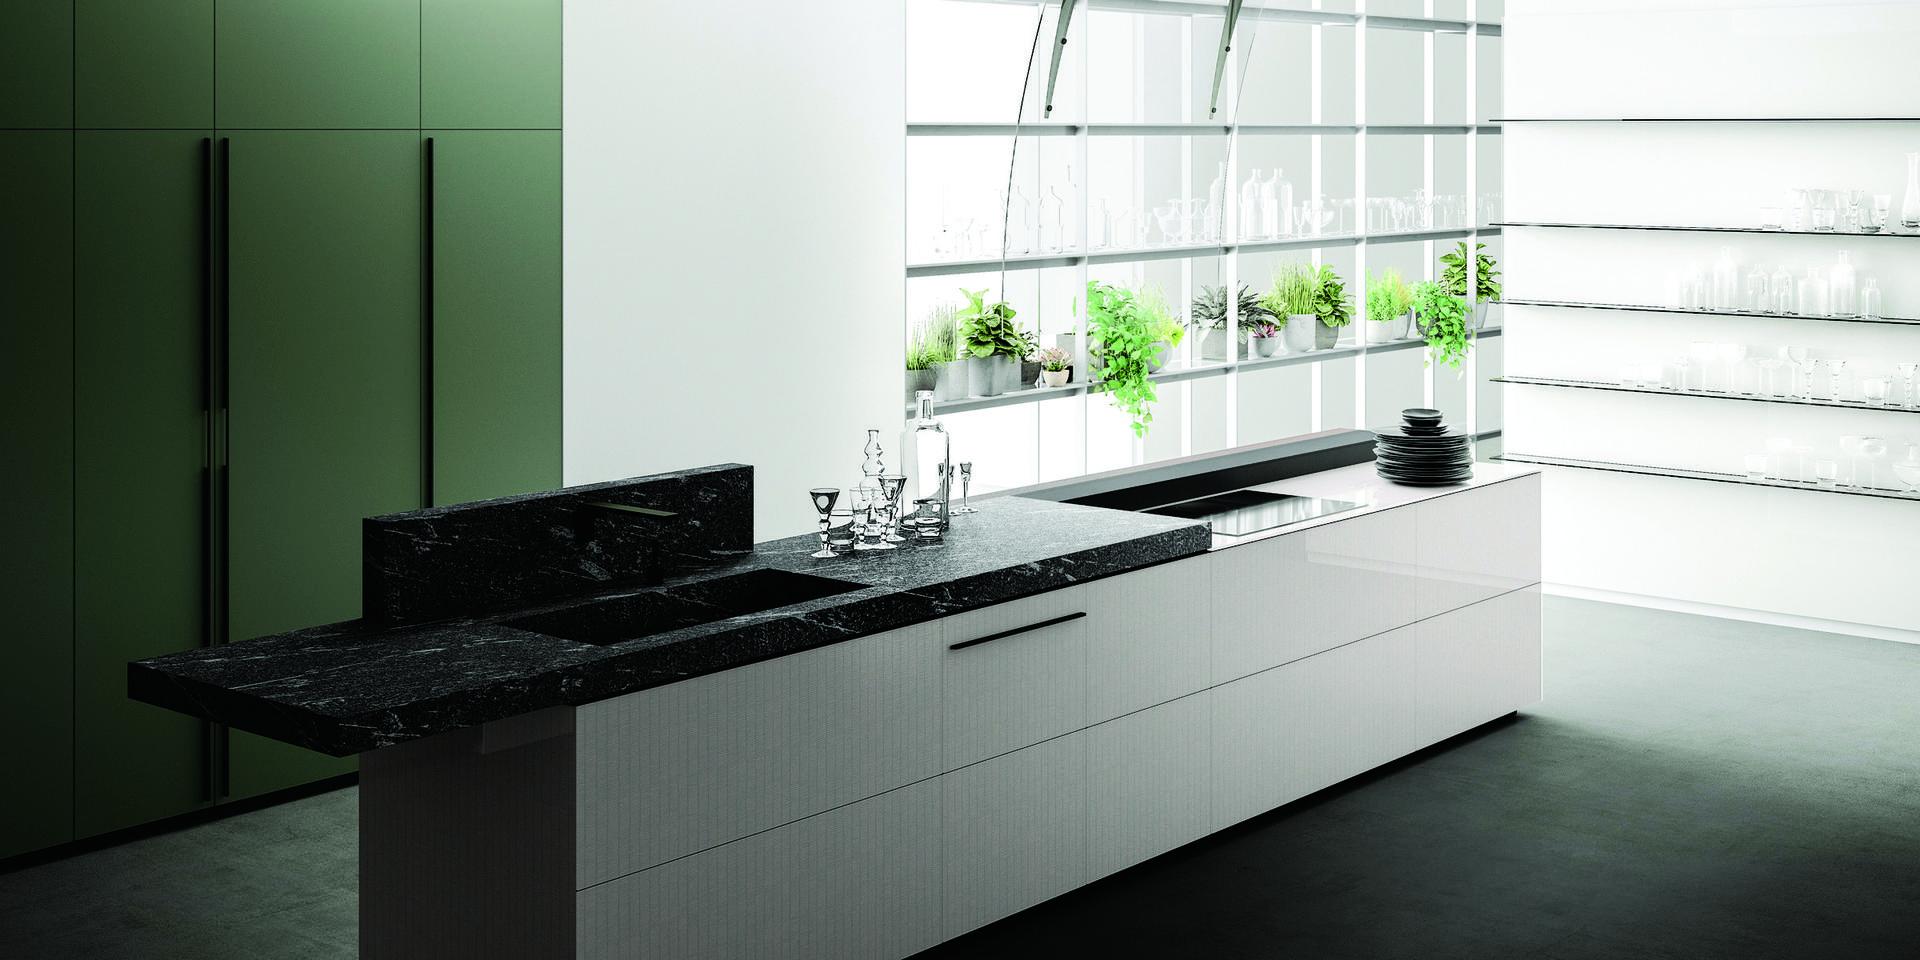 שימוש בחזיתות זכוכית צבעוניות ומודפסות, לנראות אוורירית.  מטבחי VALCUCINE